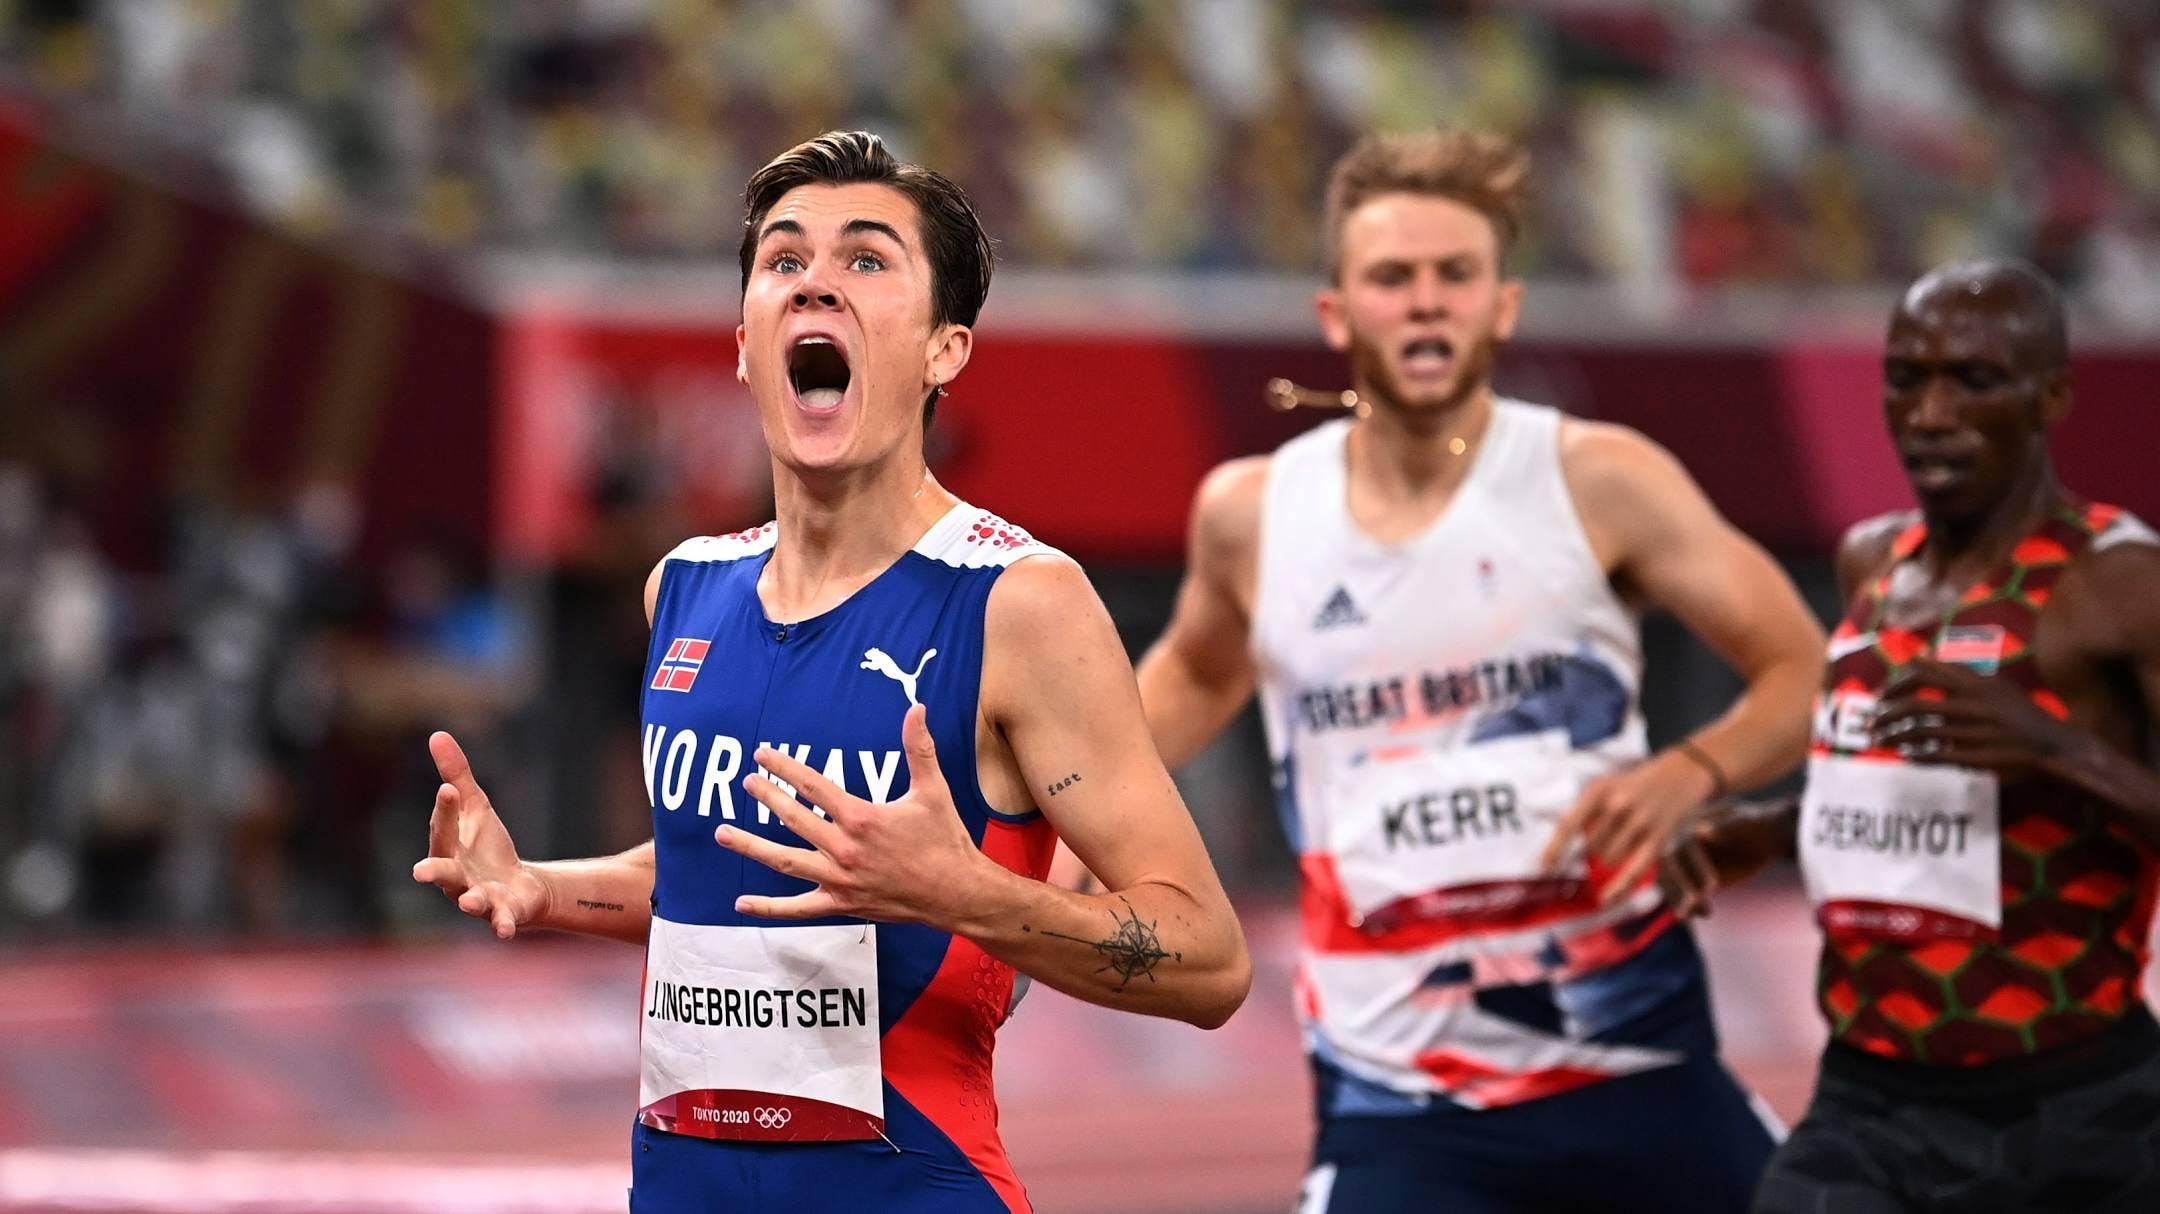 Μεγάλος Ingebrigtsen: Χρυσός με Ολυμπιακό ρεκόρ 3:28.32 στα 1.500 μέτρα